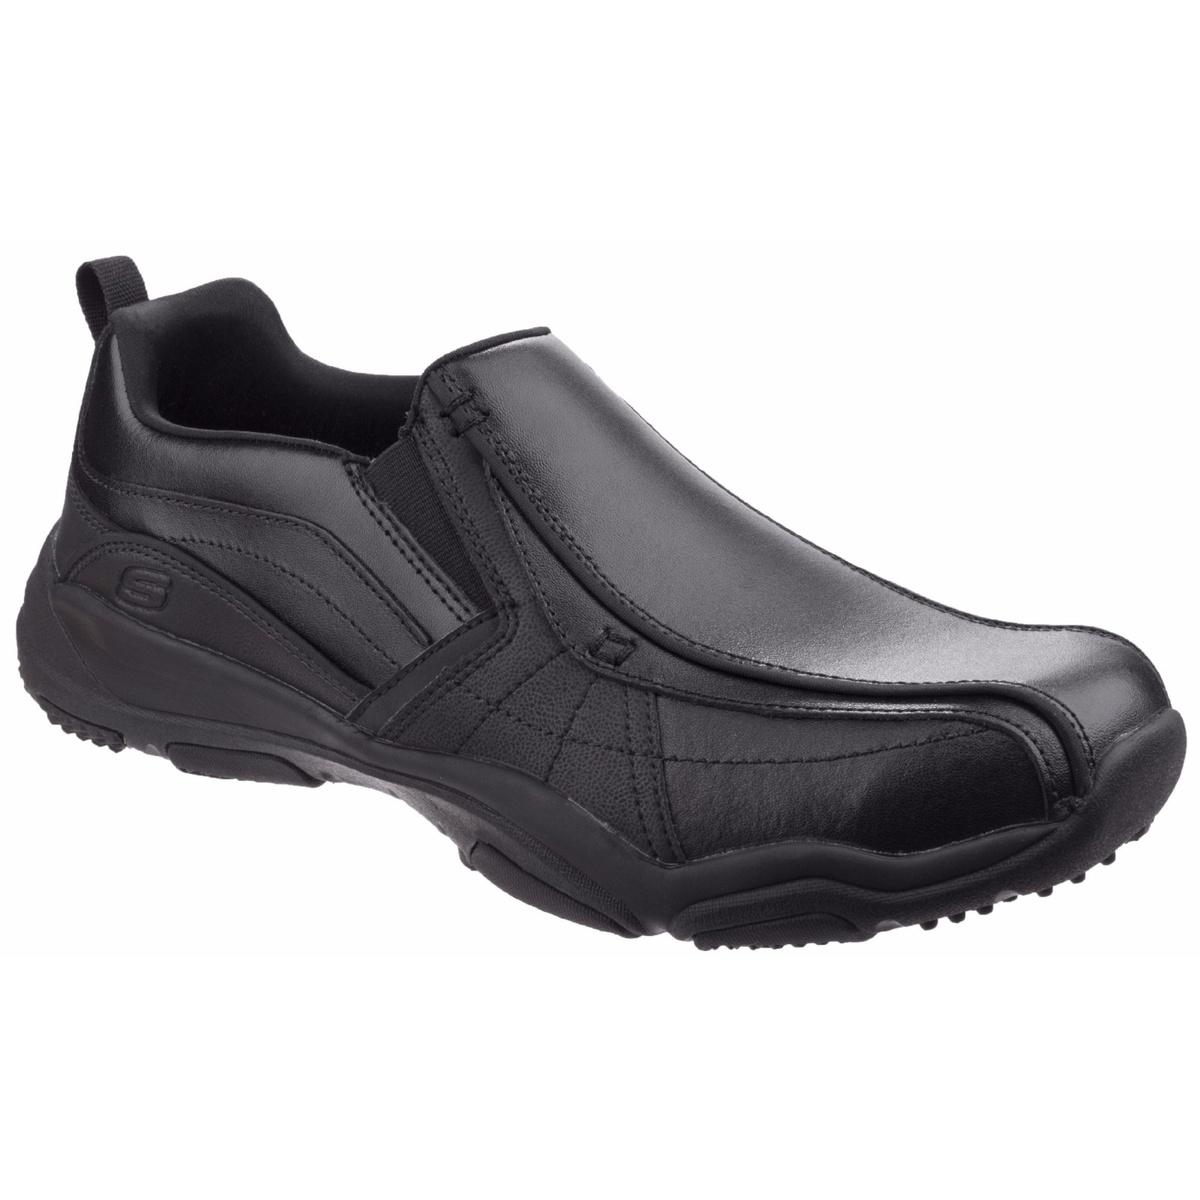 (スケッチャーズ) Skechers メンズ ラーソン・ベルト スリッポンシューズ 紳士靴 カジュアルシューズ 男性用 【海外直送】